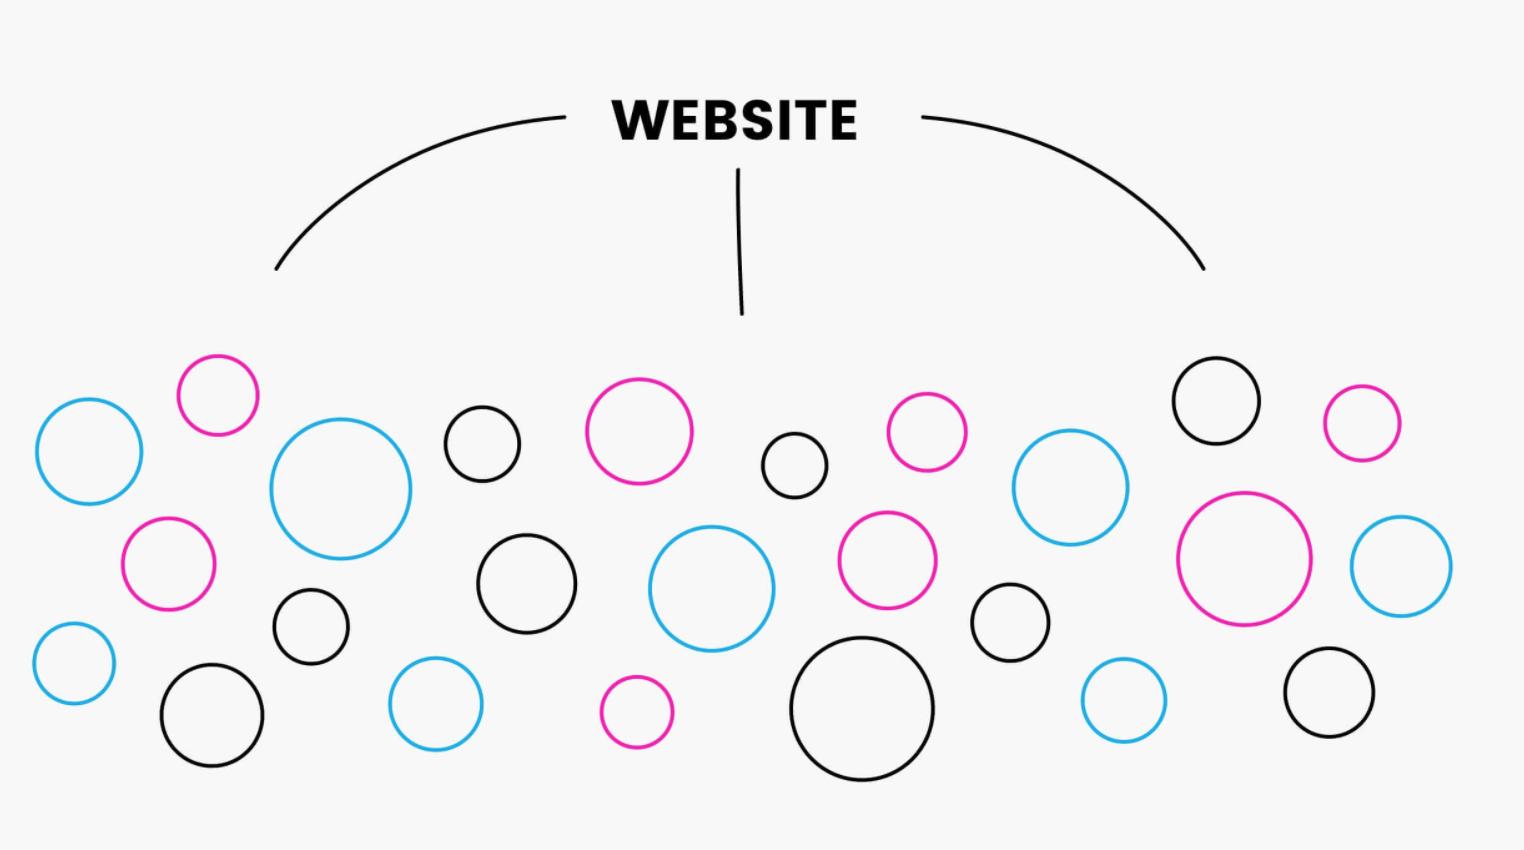 تولید محتوا به روش خوشه سازی محتوا یا Content Clusters